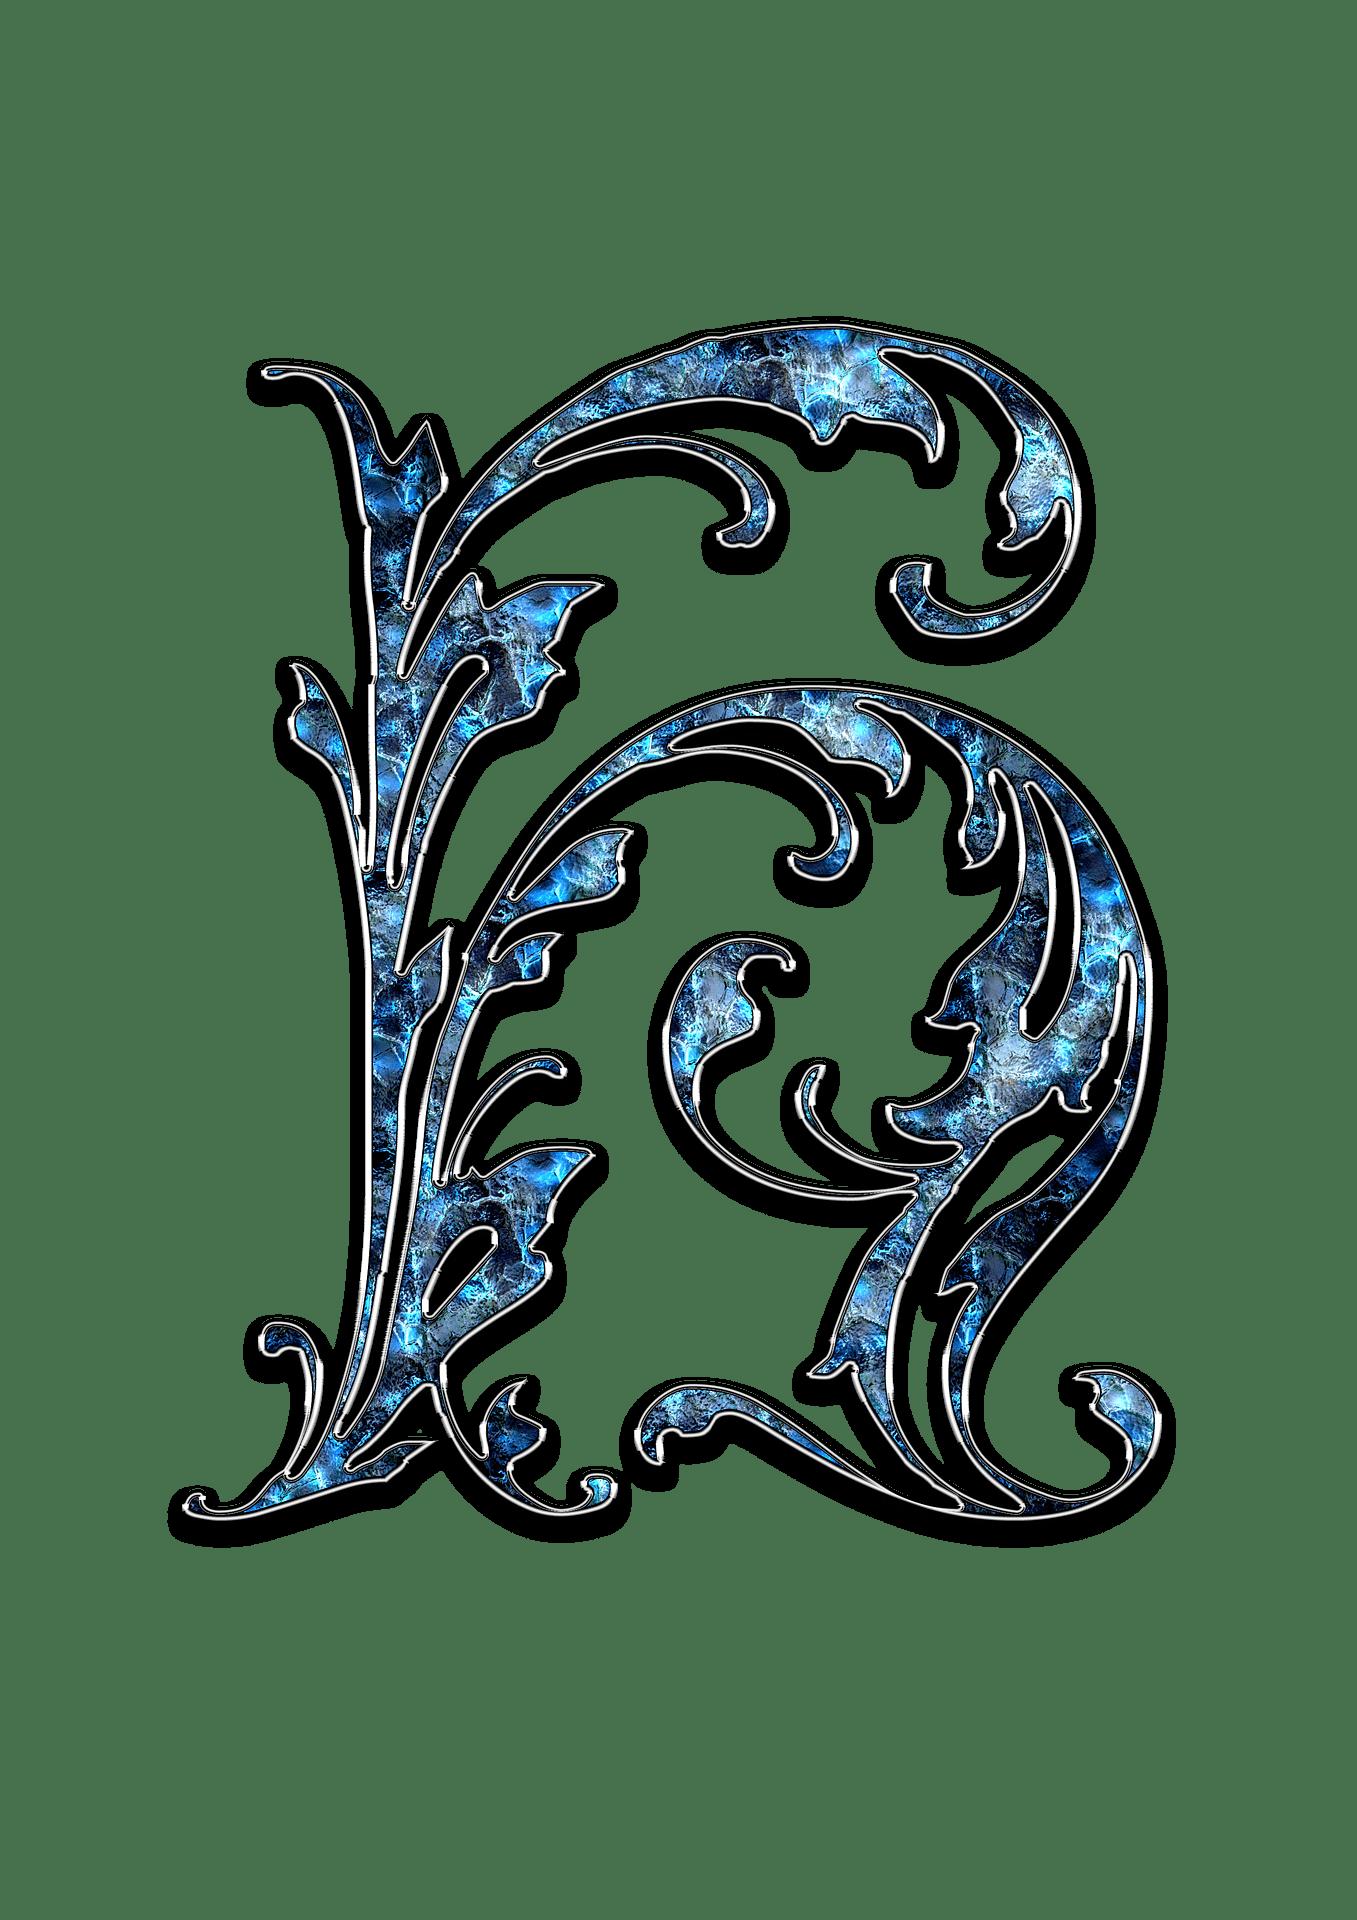 Letter Letter H H Initials Schreiben Schriftart